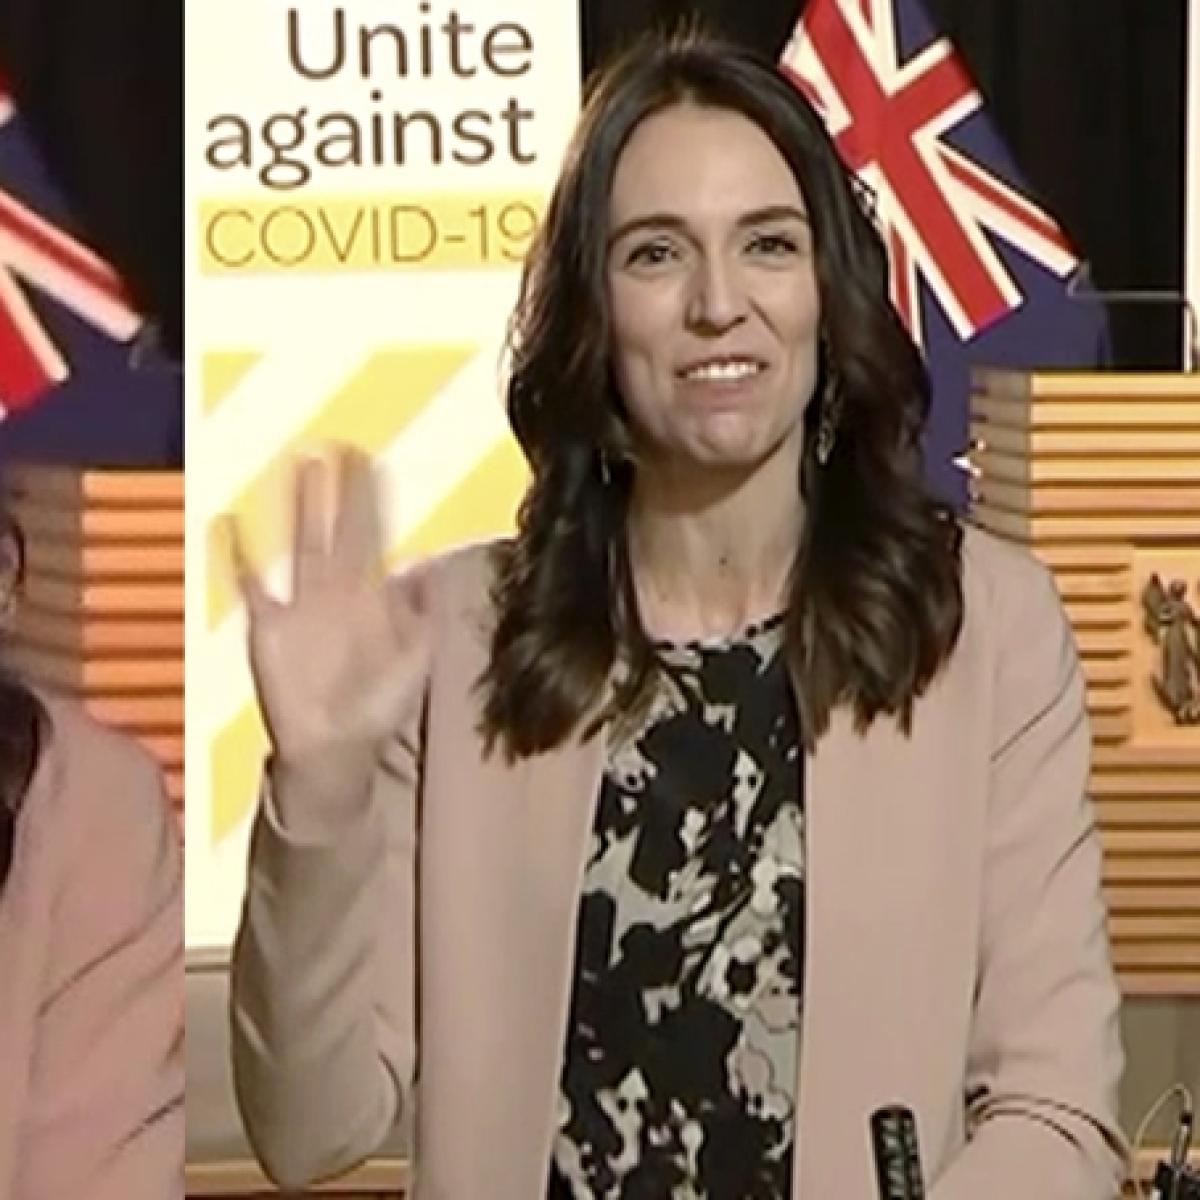 'She is unshakable': Twitterati in awe of New Zealand PM Jacinda Ardern's calm amid earthquake